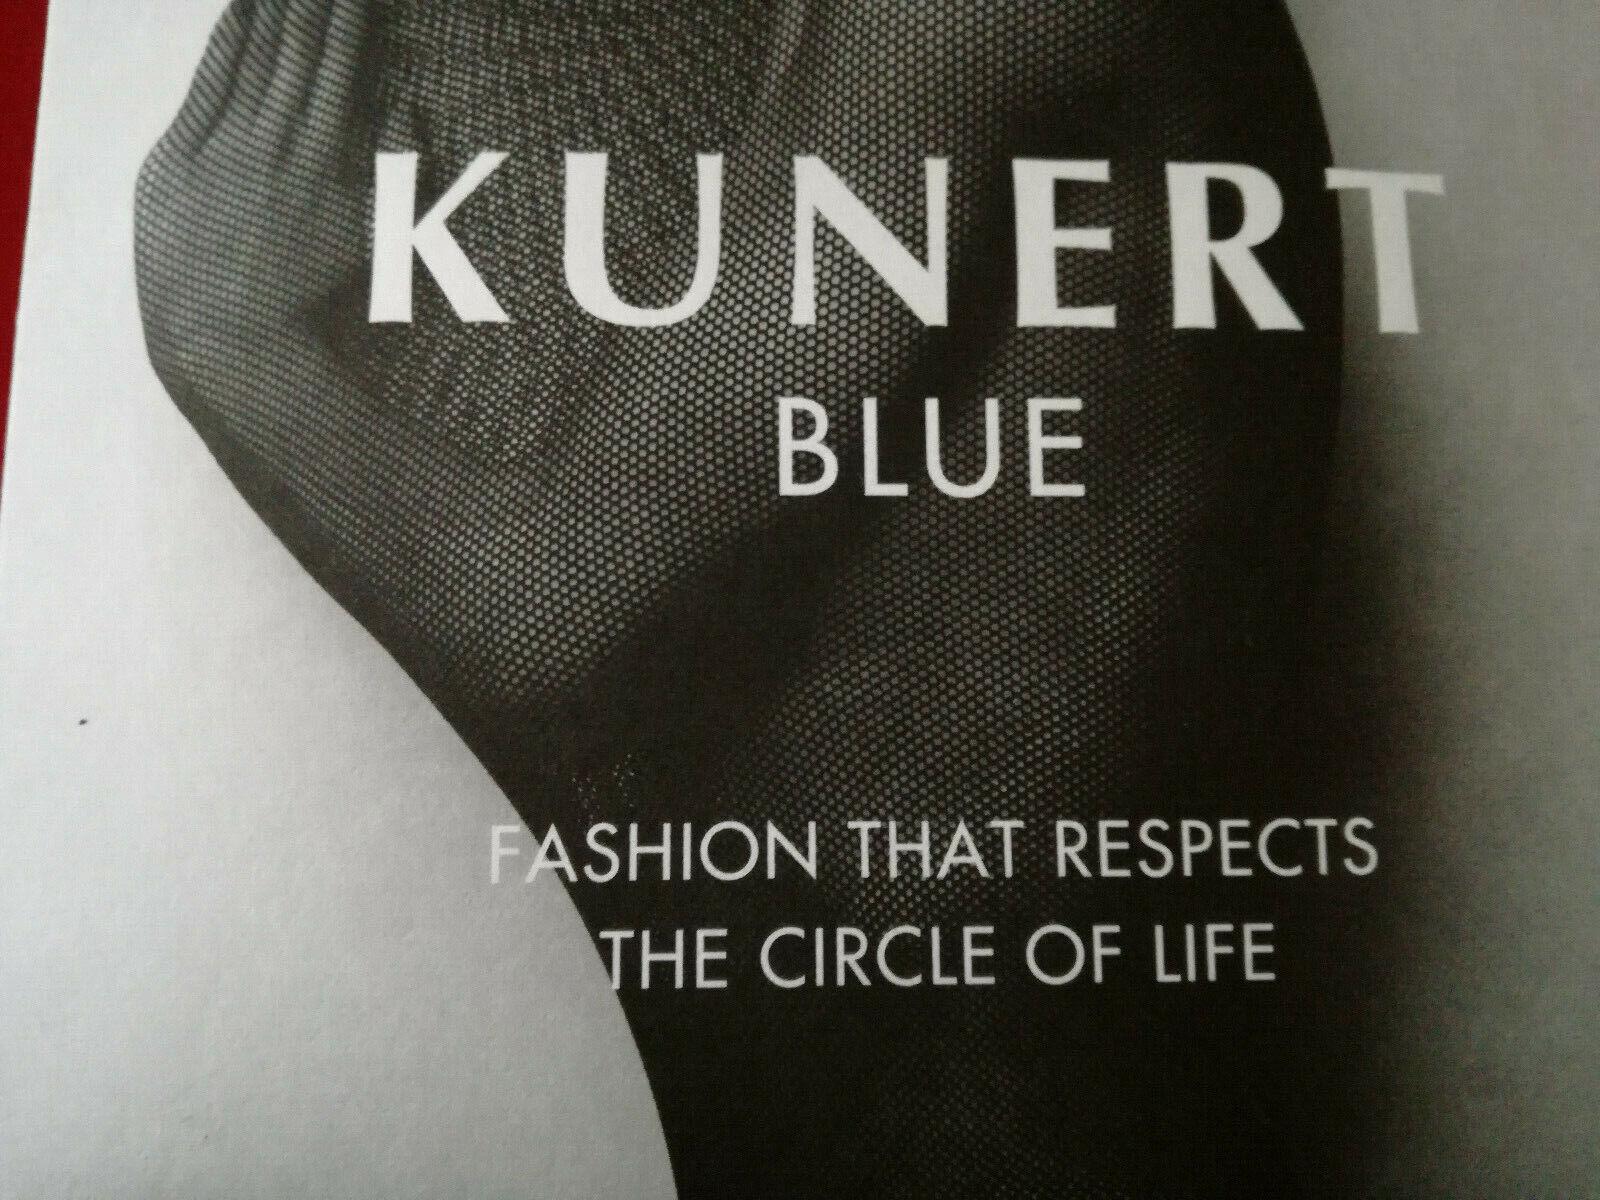 Strumpfhose, Kunert, BLUE,30DEN48-50, schwarz, OVP,NET, NP:28,00,Figurstützend.